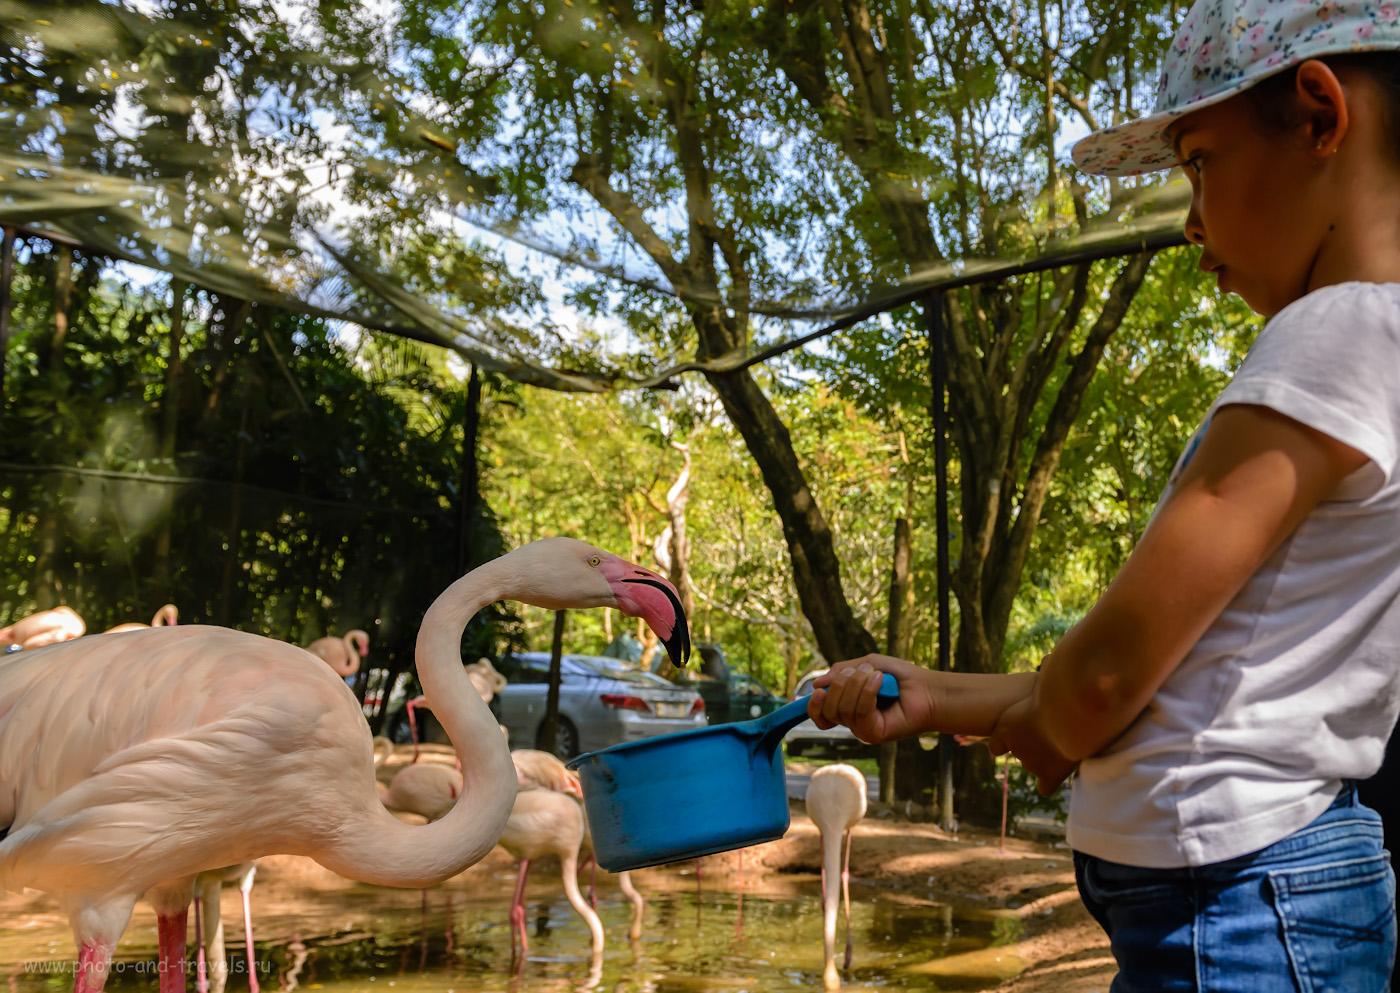 Фото 13. Детям будет особенно интересно в зоопарке «Кхао Кхео». Ведь здесь можно покормить и зверей, и птиц, и рептилий. Отчет о самостоятельной экскурсии из Паттайи.  1/500, +0.67, 4.0, 800, 24.